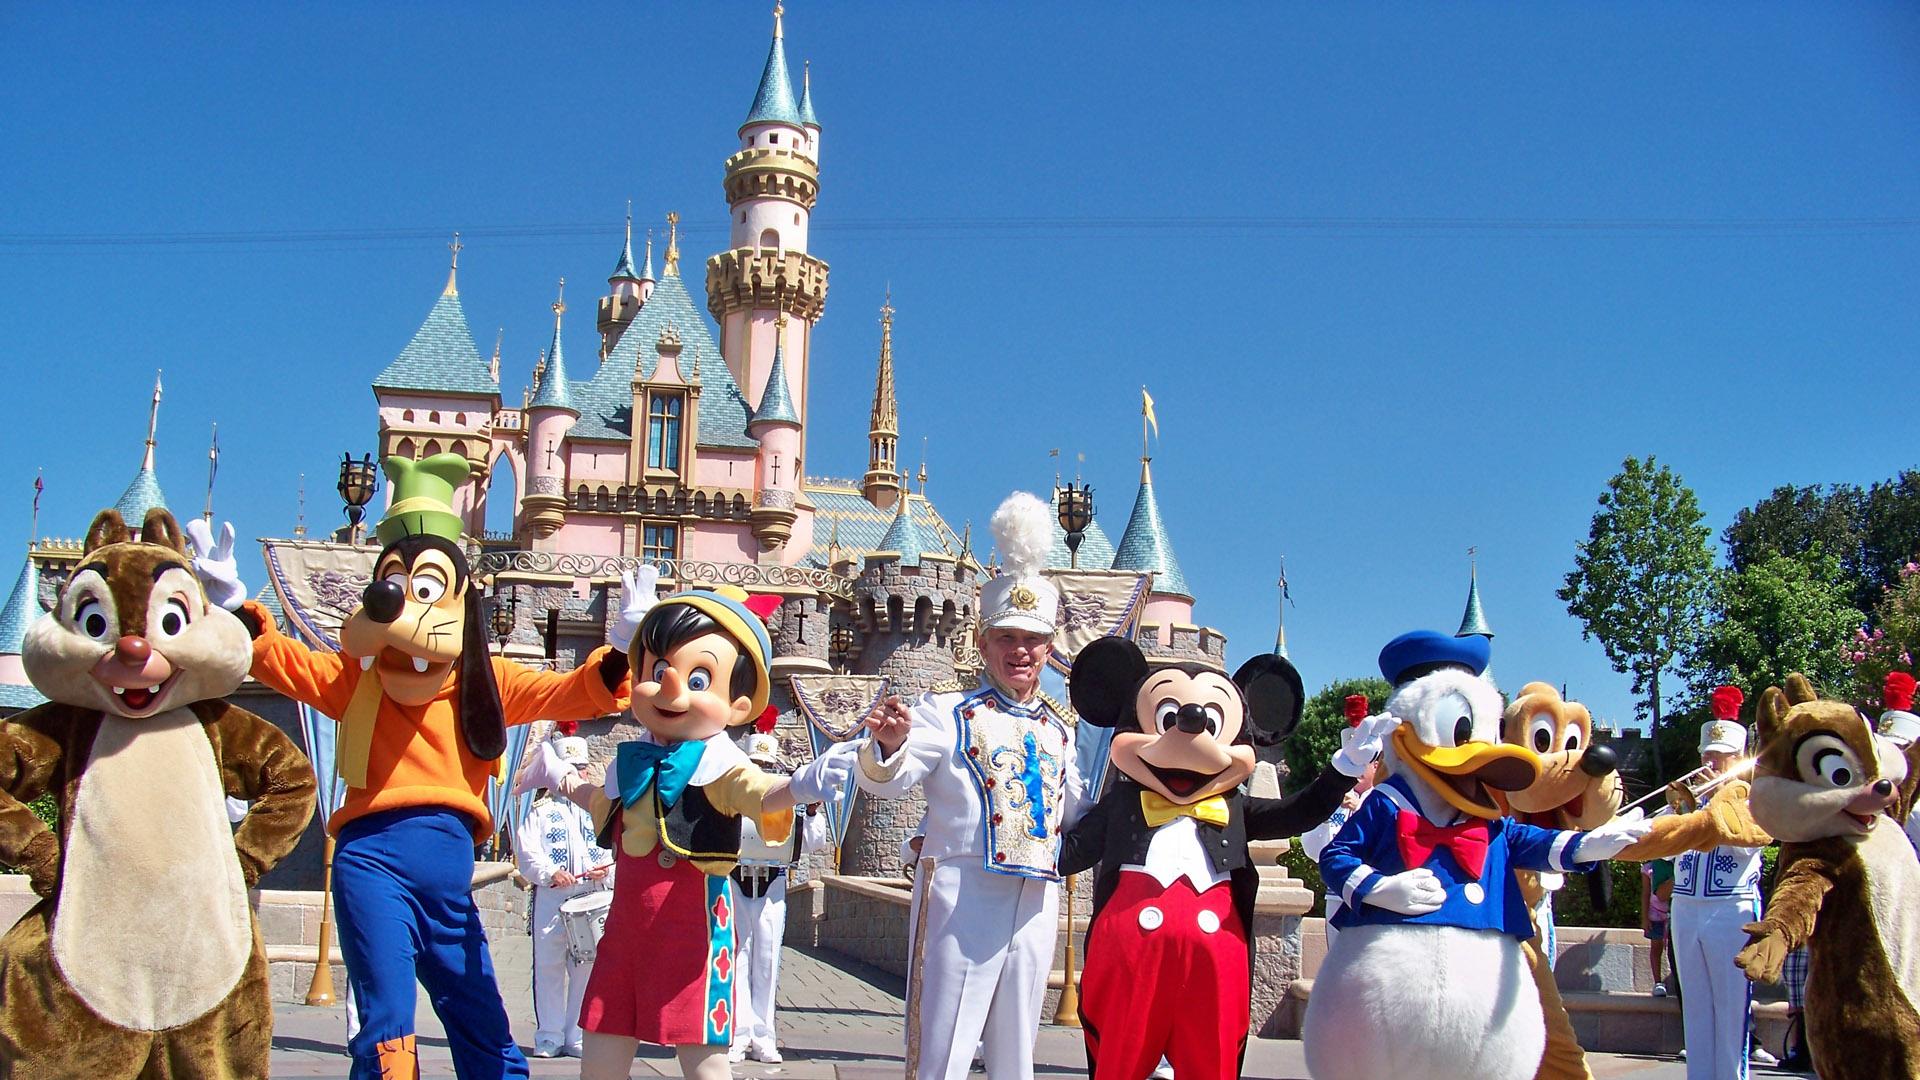 Disneyland Park fue creado en el año 1955, actualmente cuenta con 57 atracciones y espectáculos de todo tipo